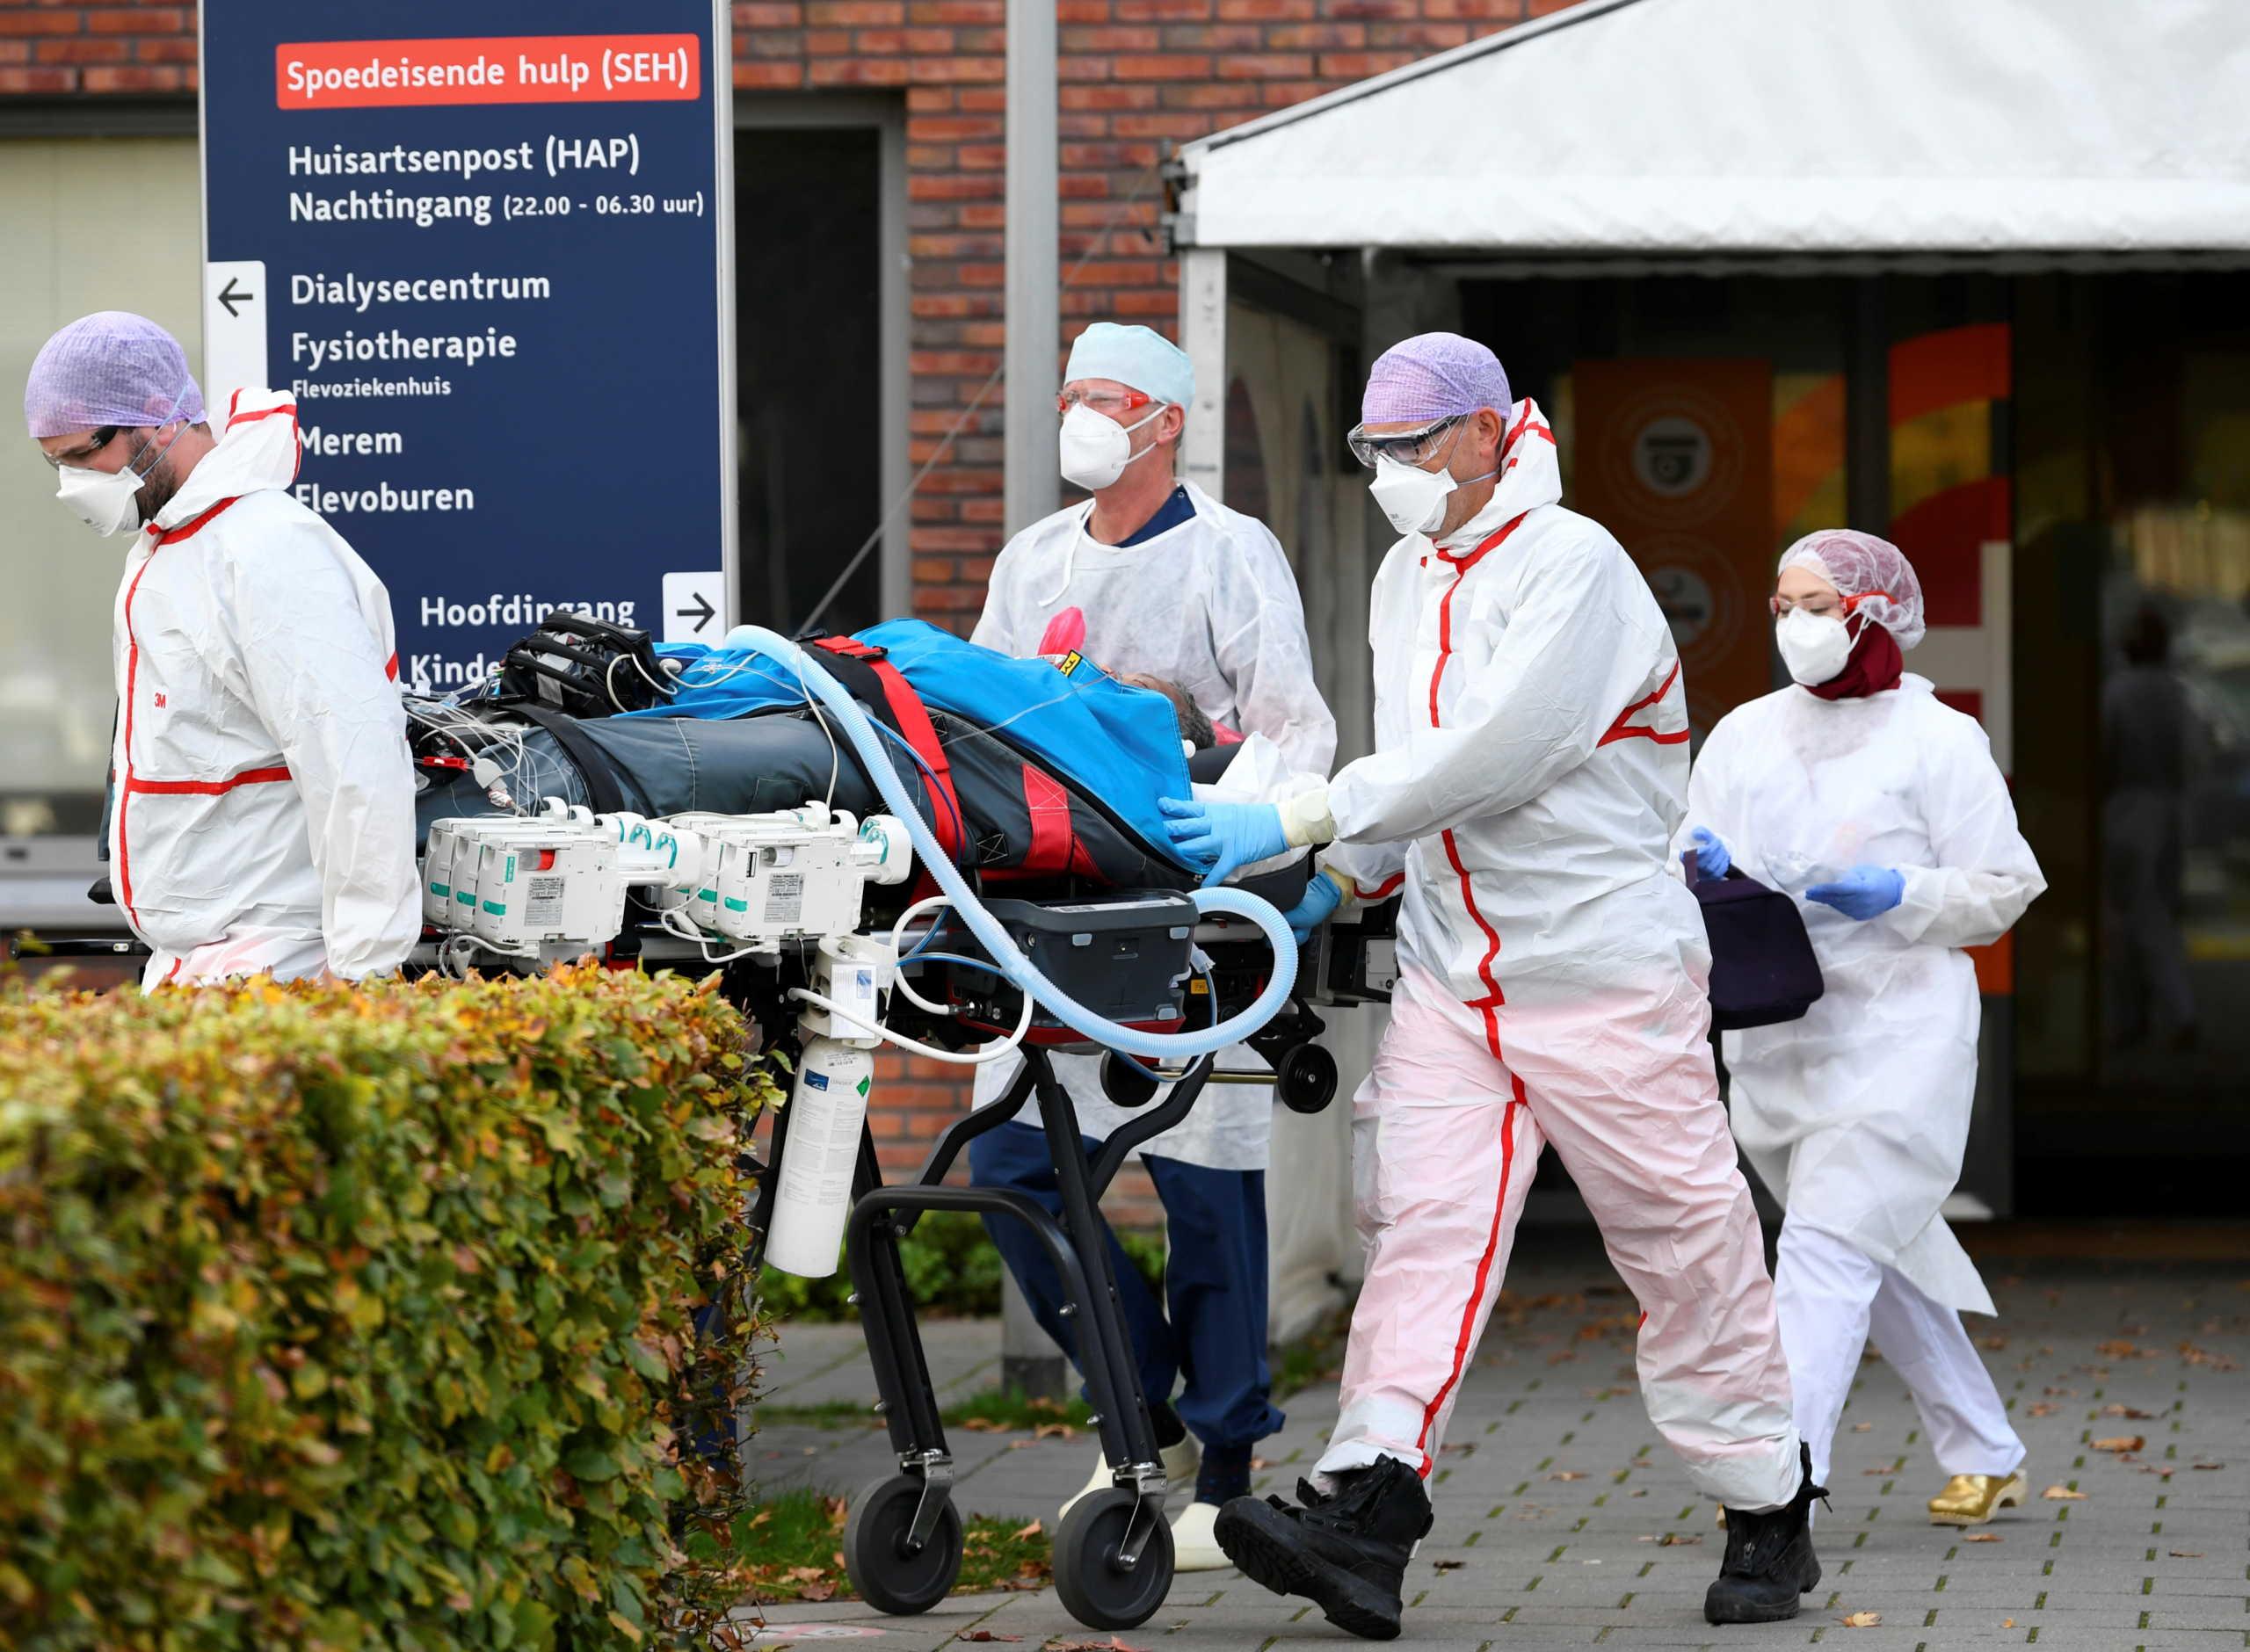 Κορονοϊός: Πιέζεται το σύστημα υγείας στη Γερμανία – Αυξάνονται τα θύματα της πανδημίας